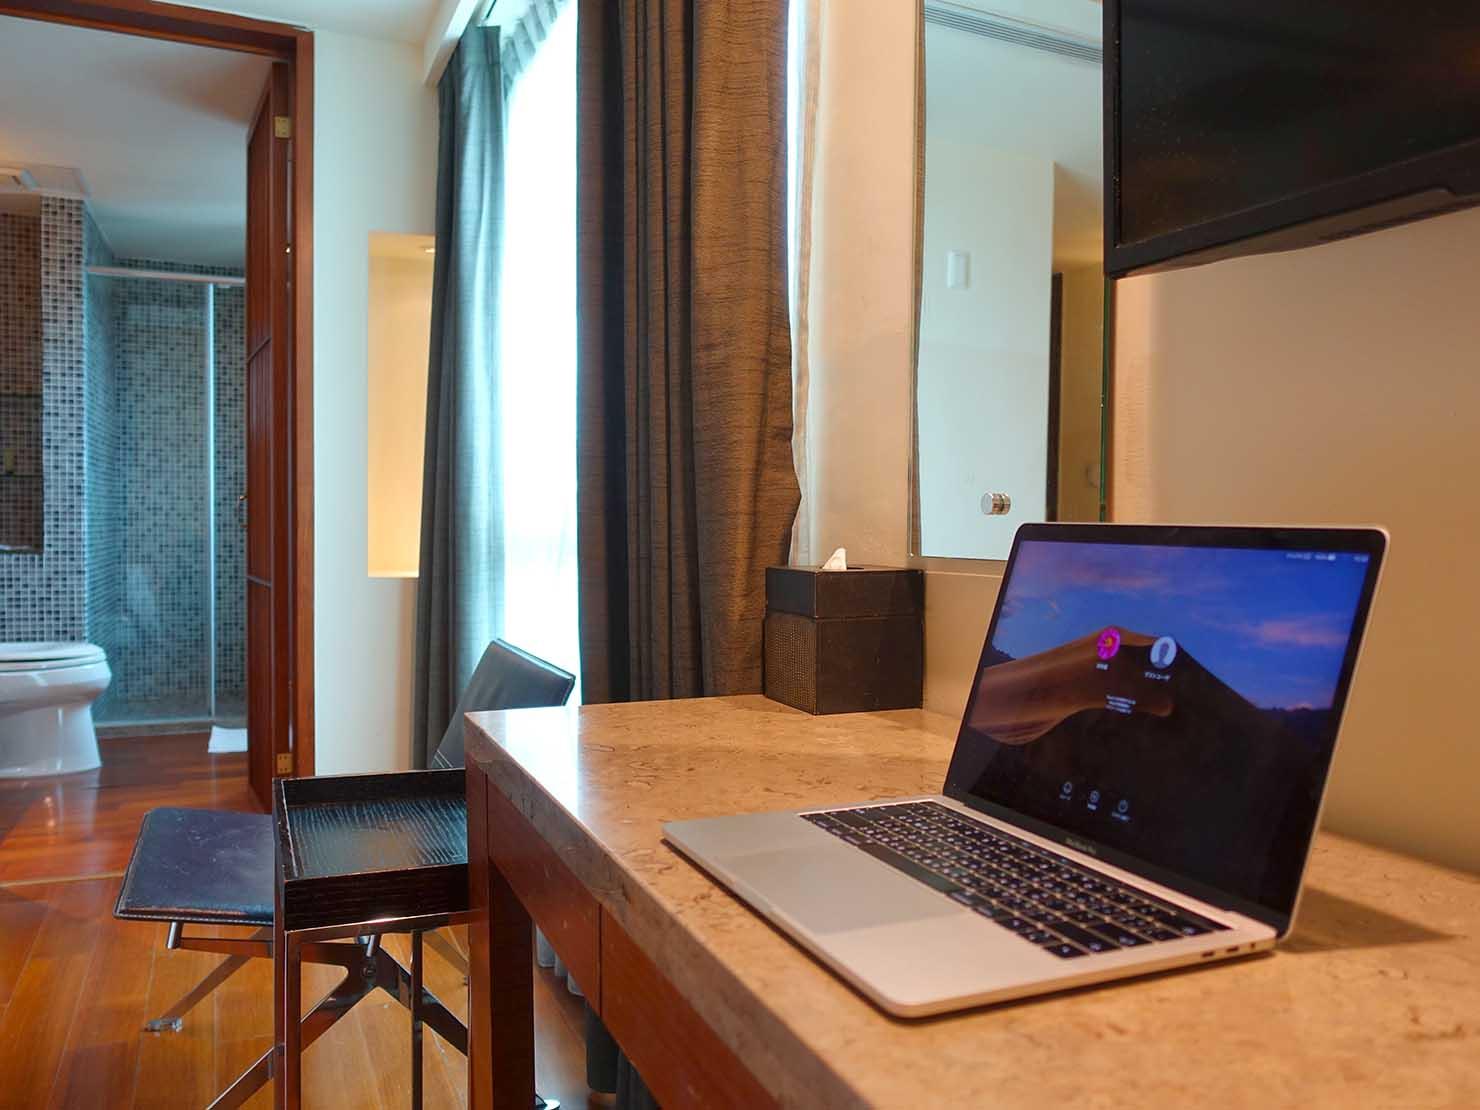 花蓮市街中心部にあるホテル「馥麗生活旅店 Quality Inn」スーペリアダブルのデスク